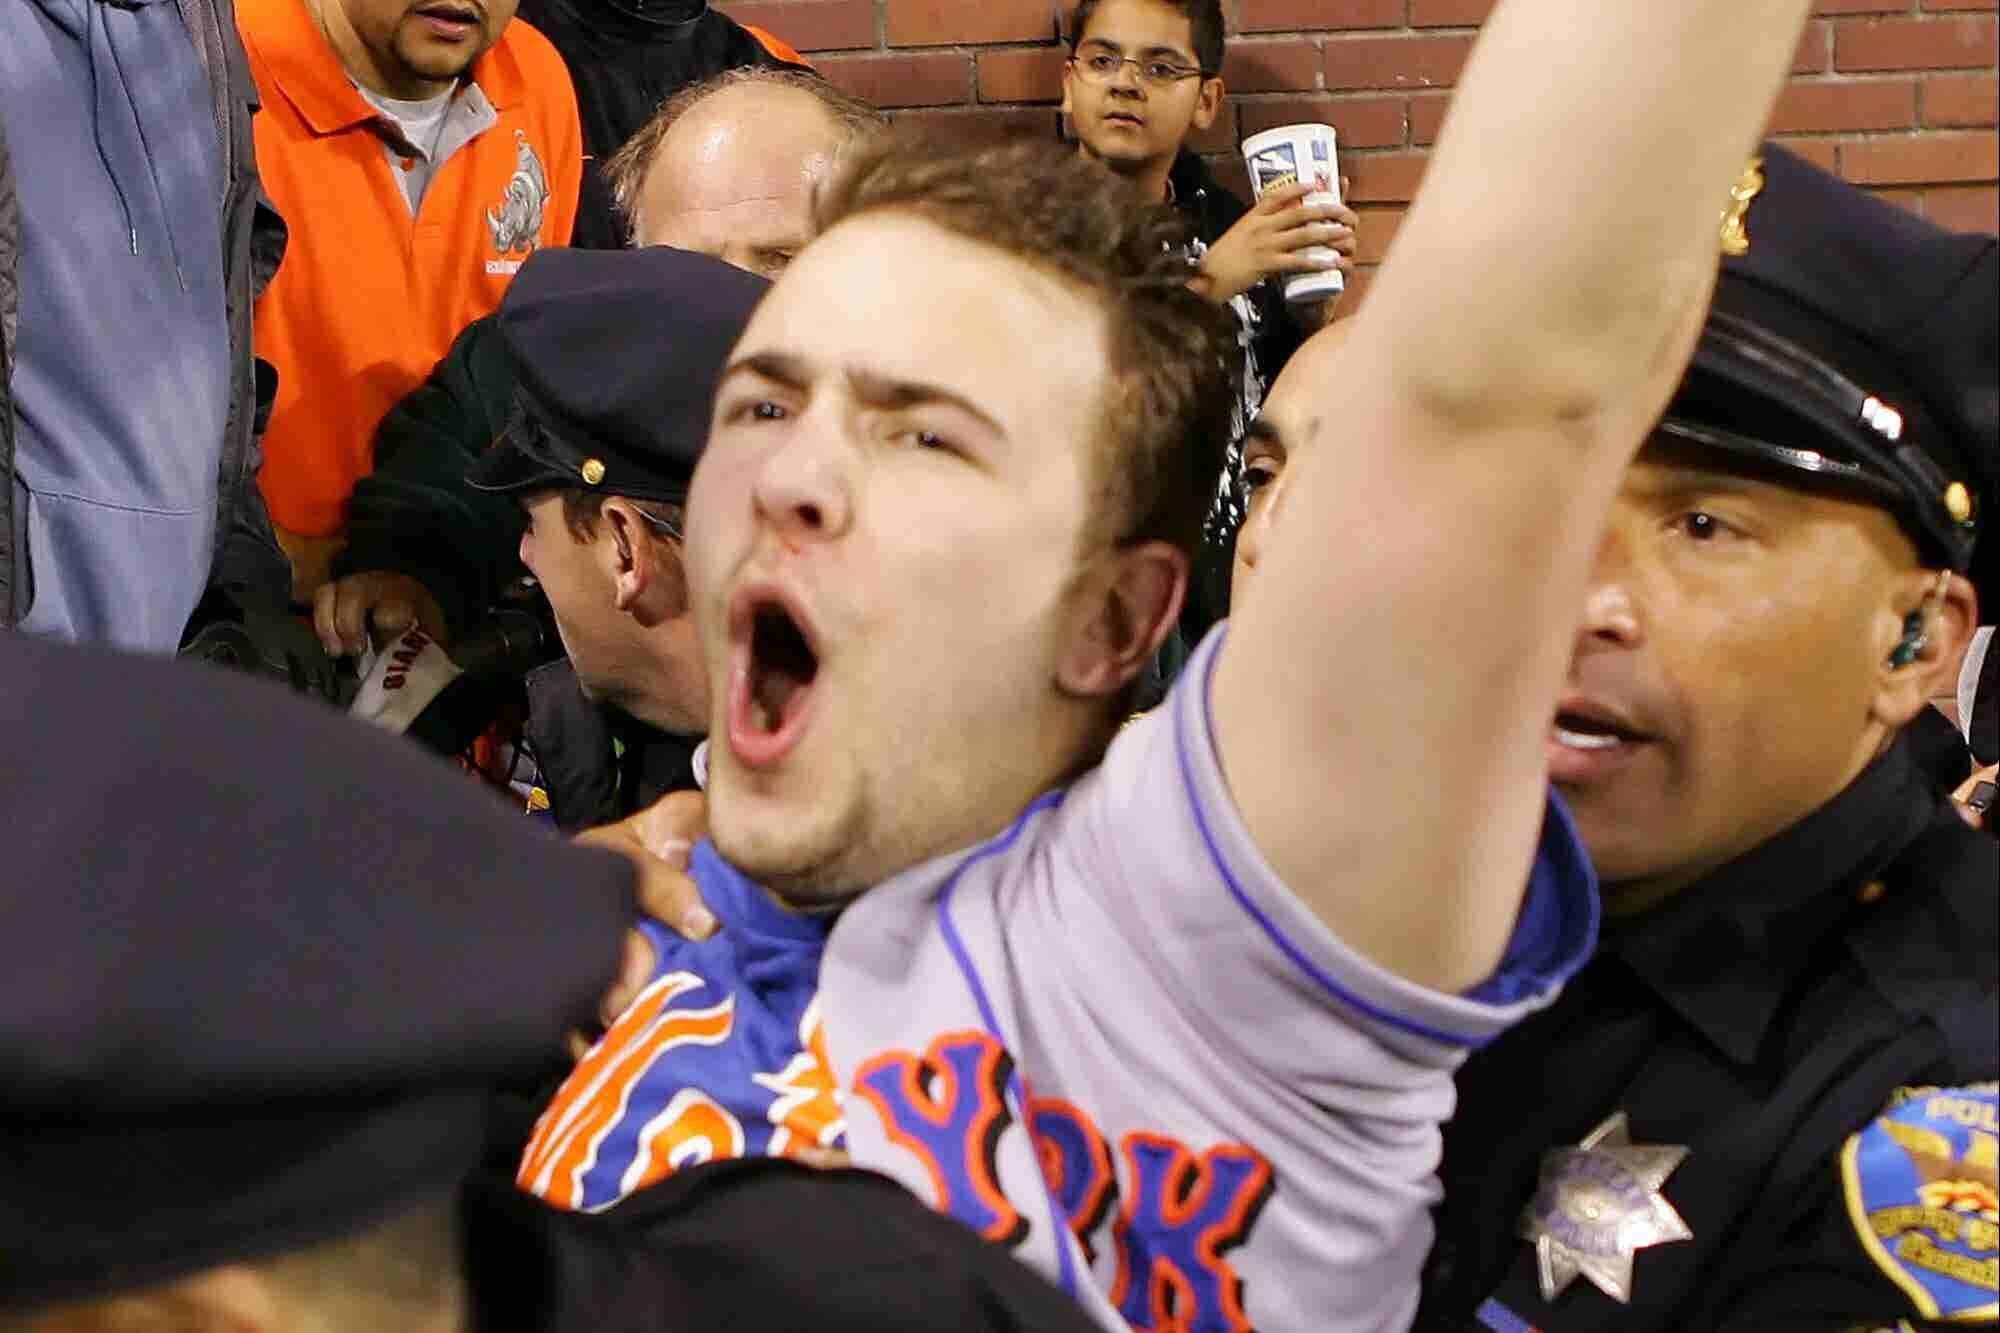 ¿Por qué este tipo que se ganó 750 mil dólares por atrapar la pelota de home run de Barry Bonds le dio la mitad a su amigo?